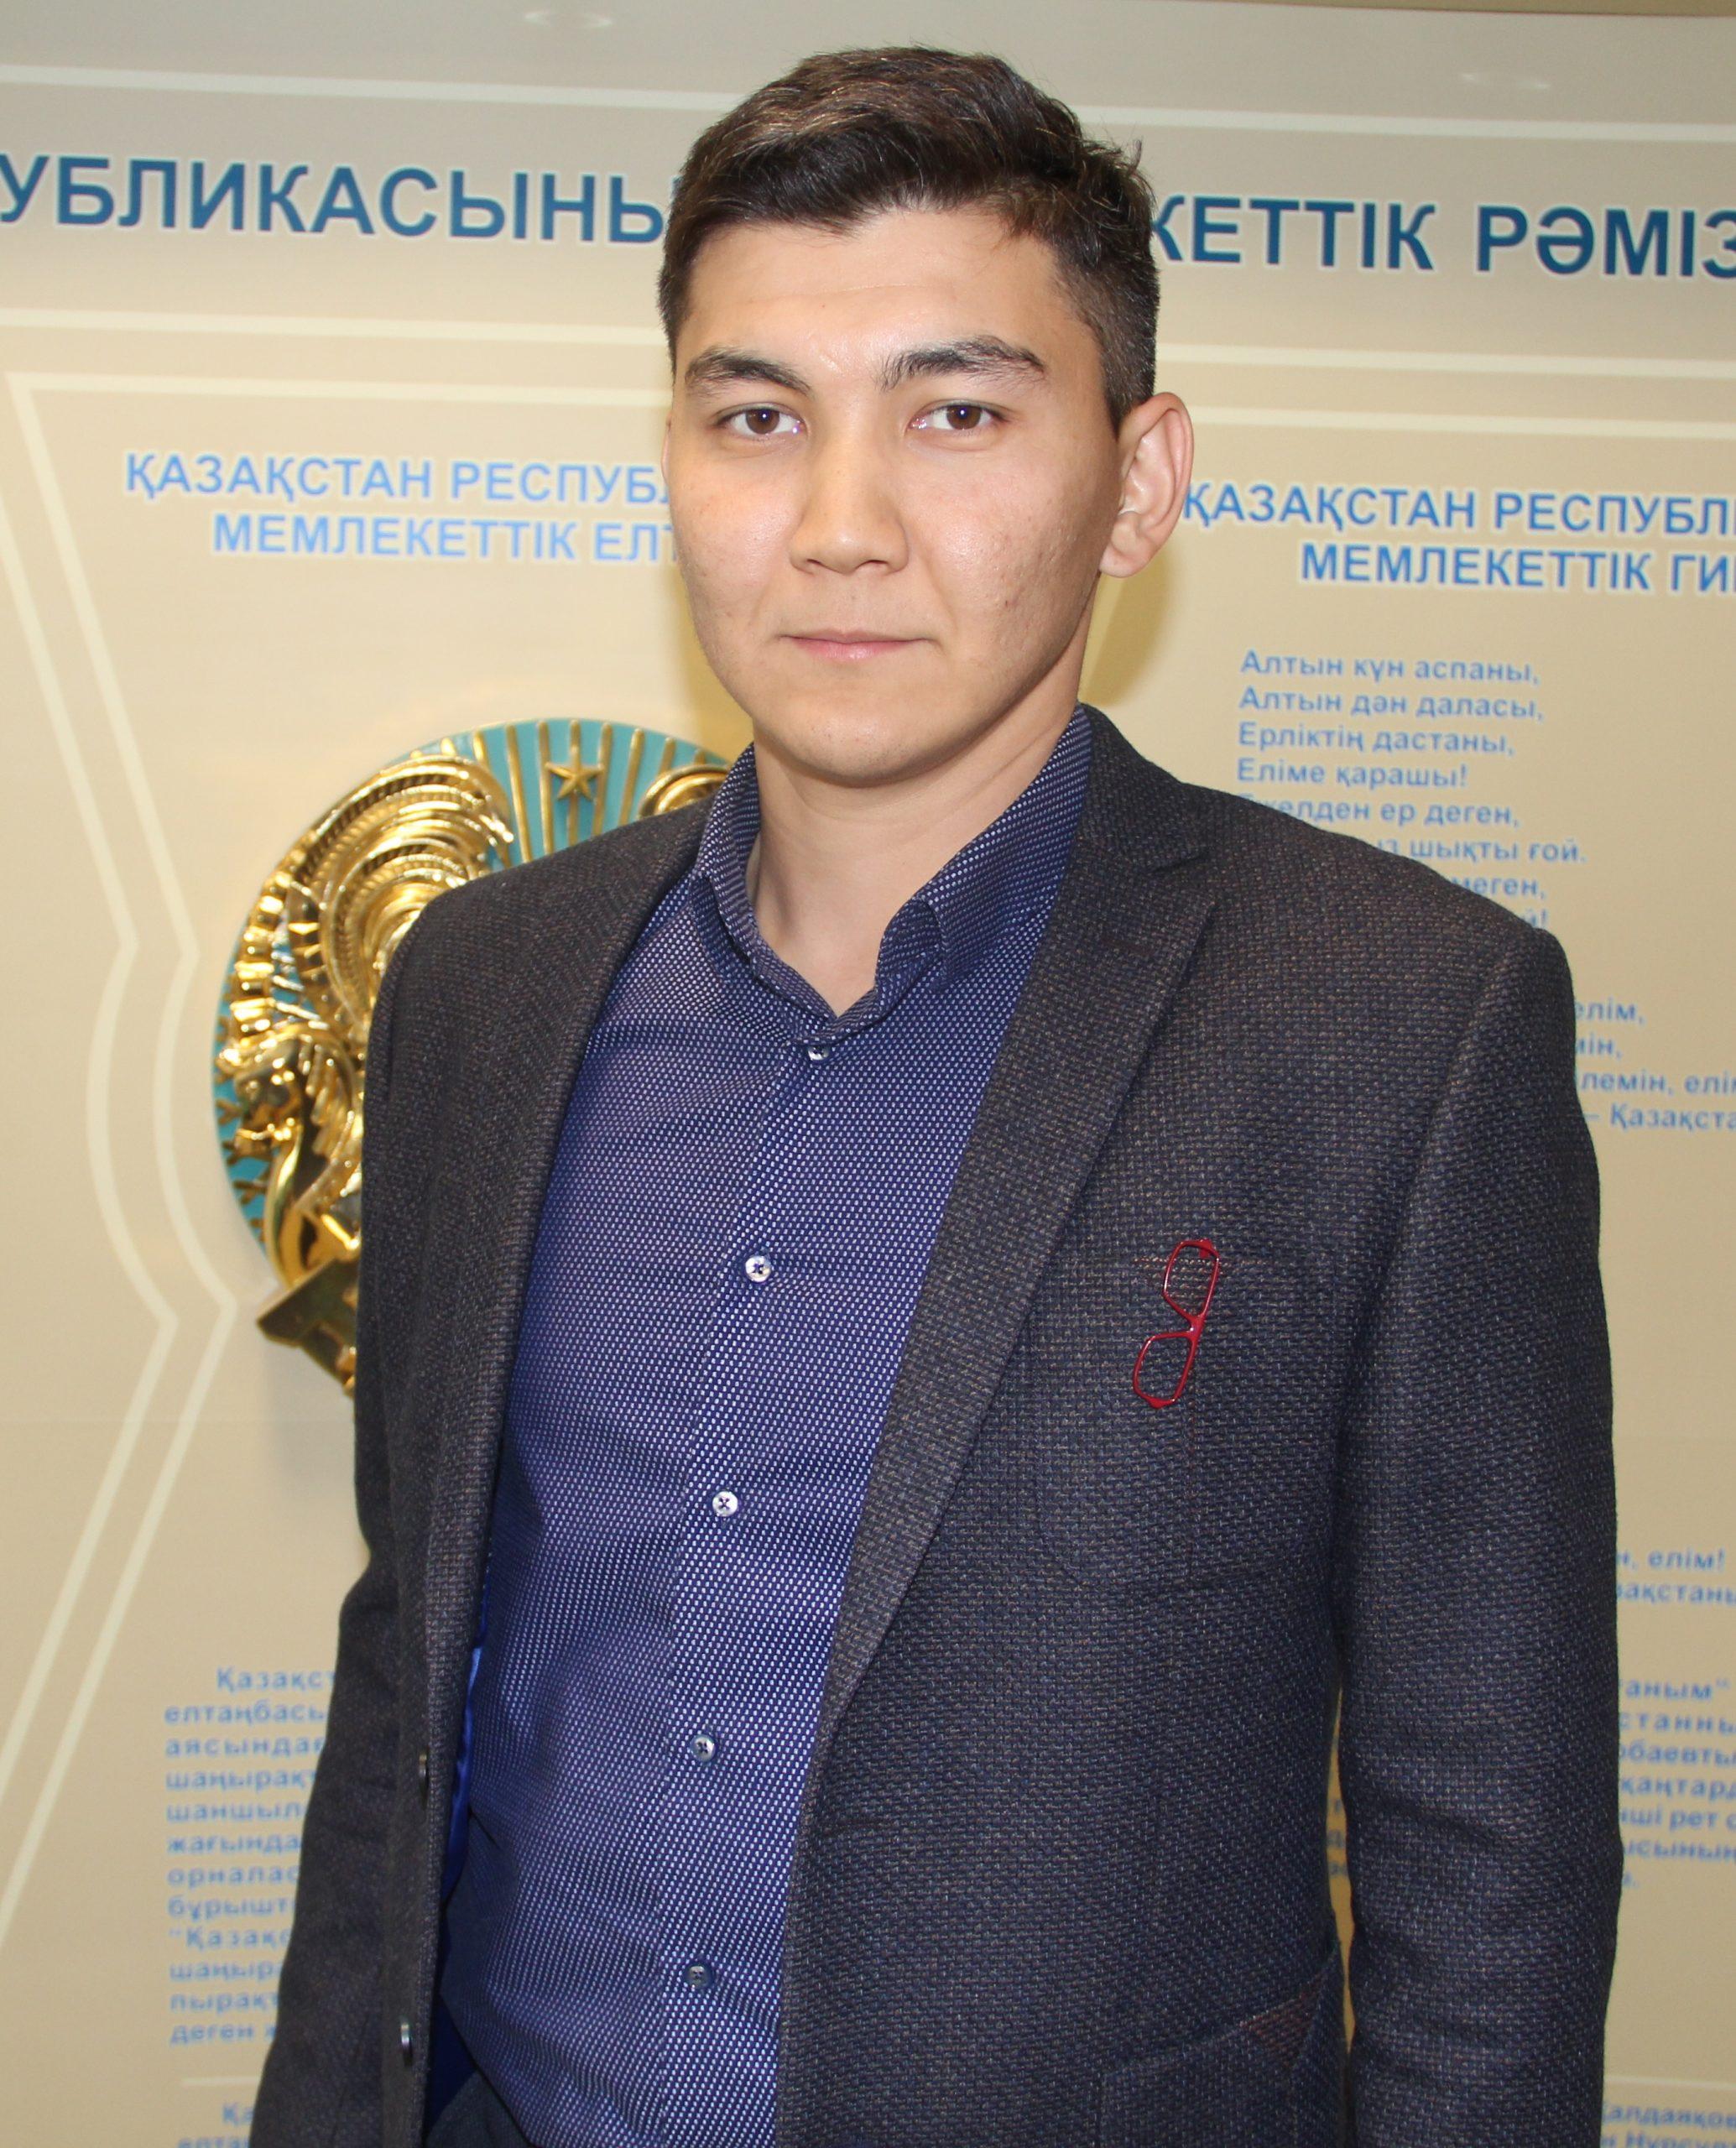 Жанабаев Илияс Нагашыбаевич